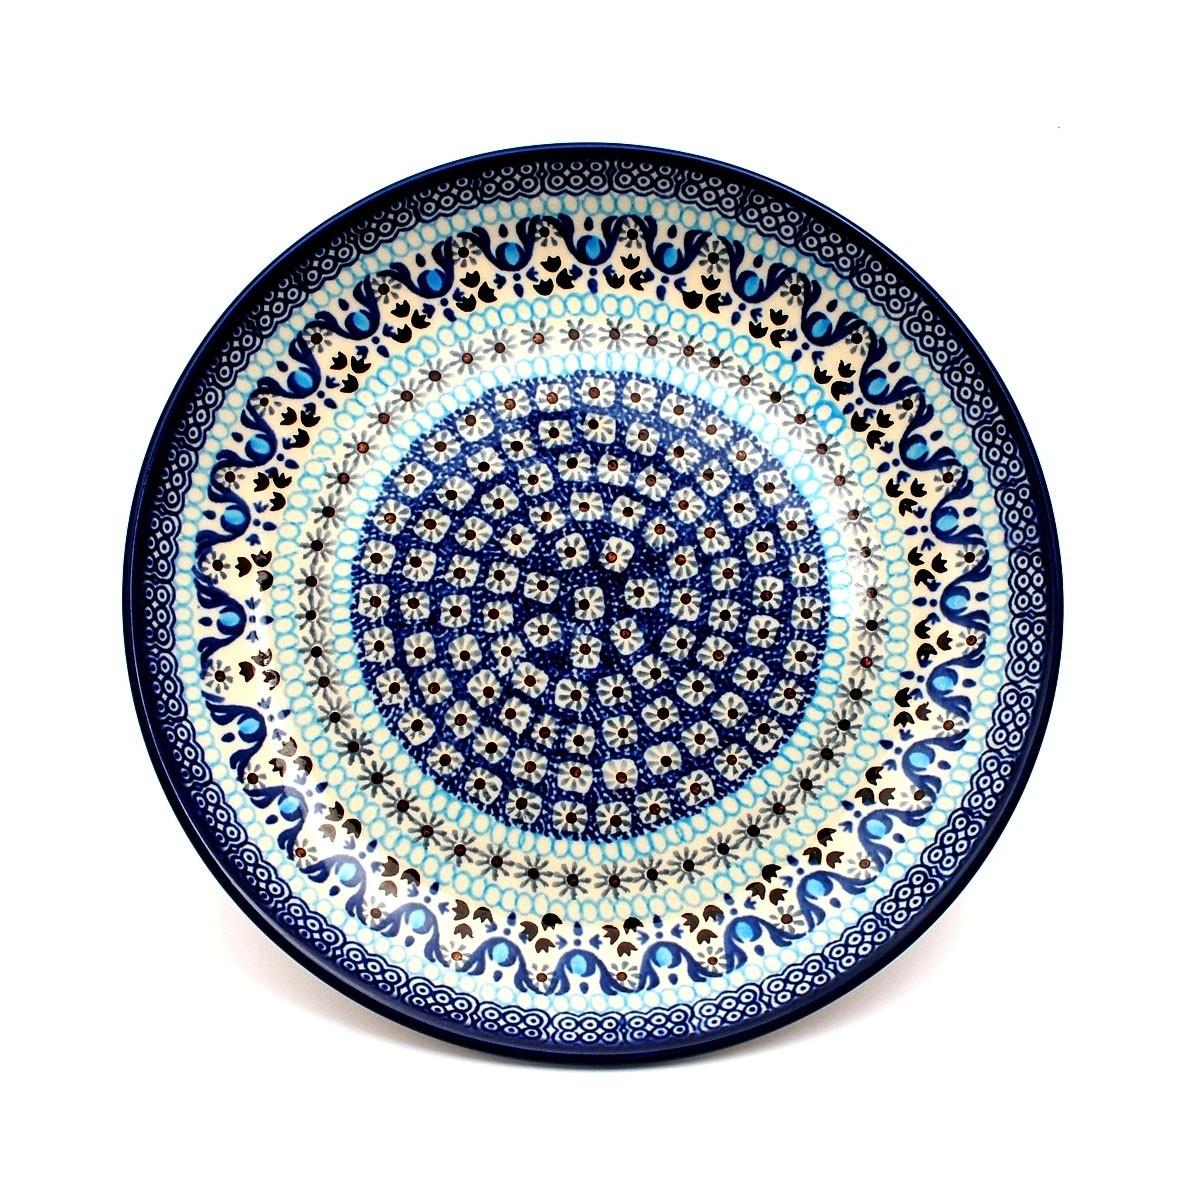 sc 1 st  Blue Dot Pottery & Polish Pottery Shop - Dinner plate